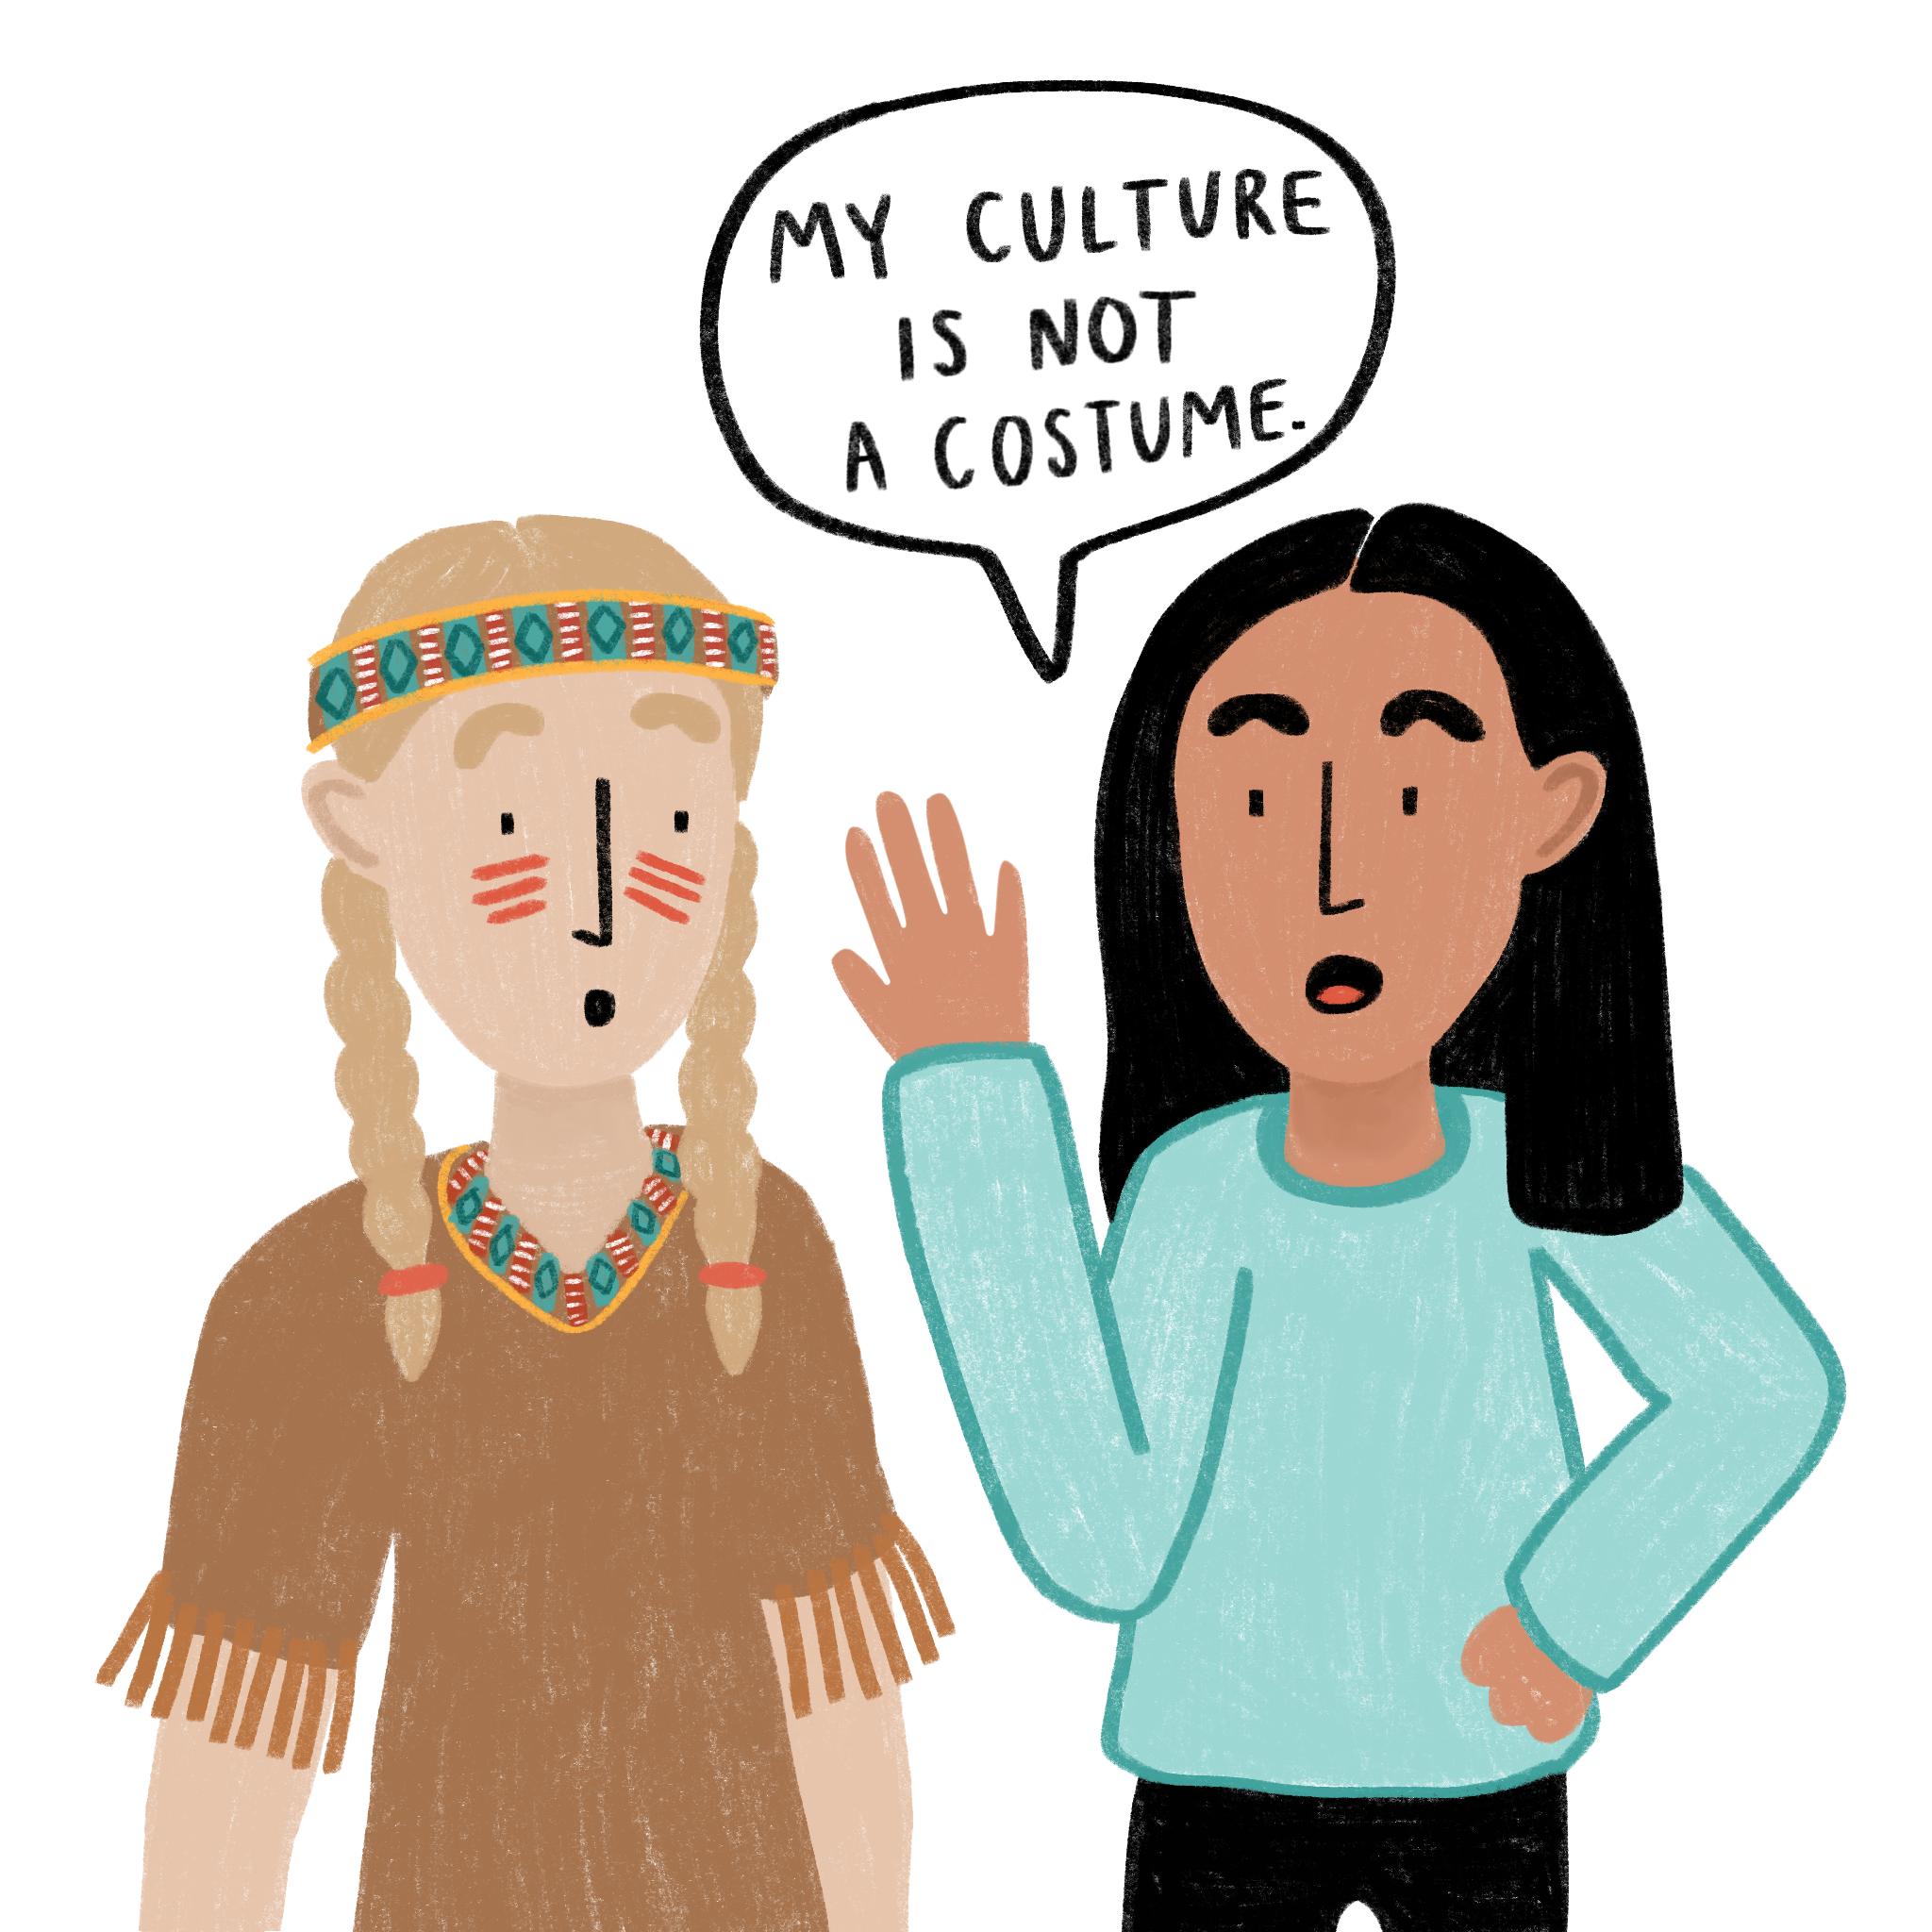 Illustration by Emily Jablonski